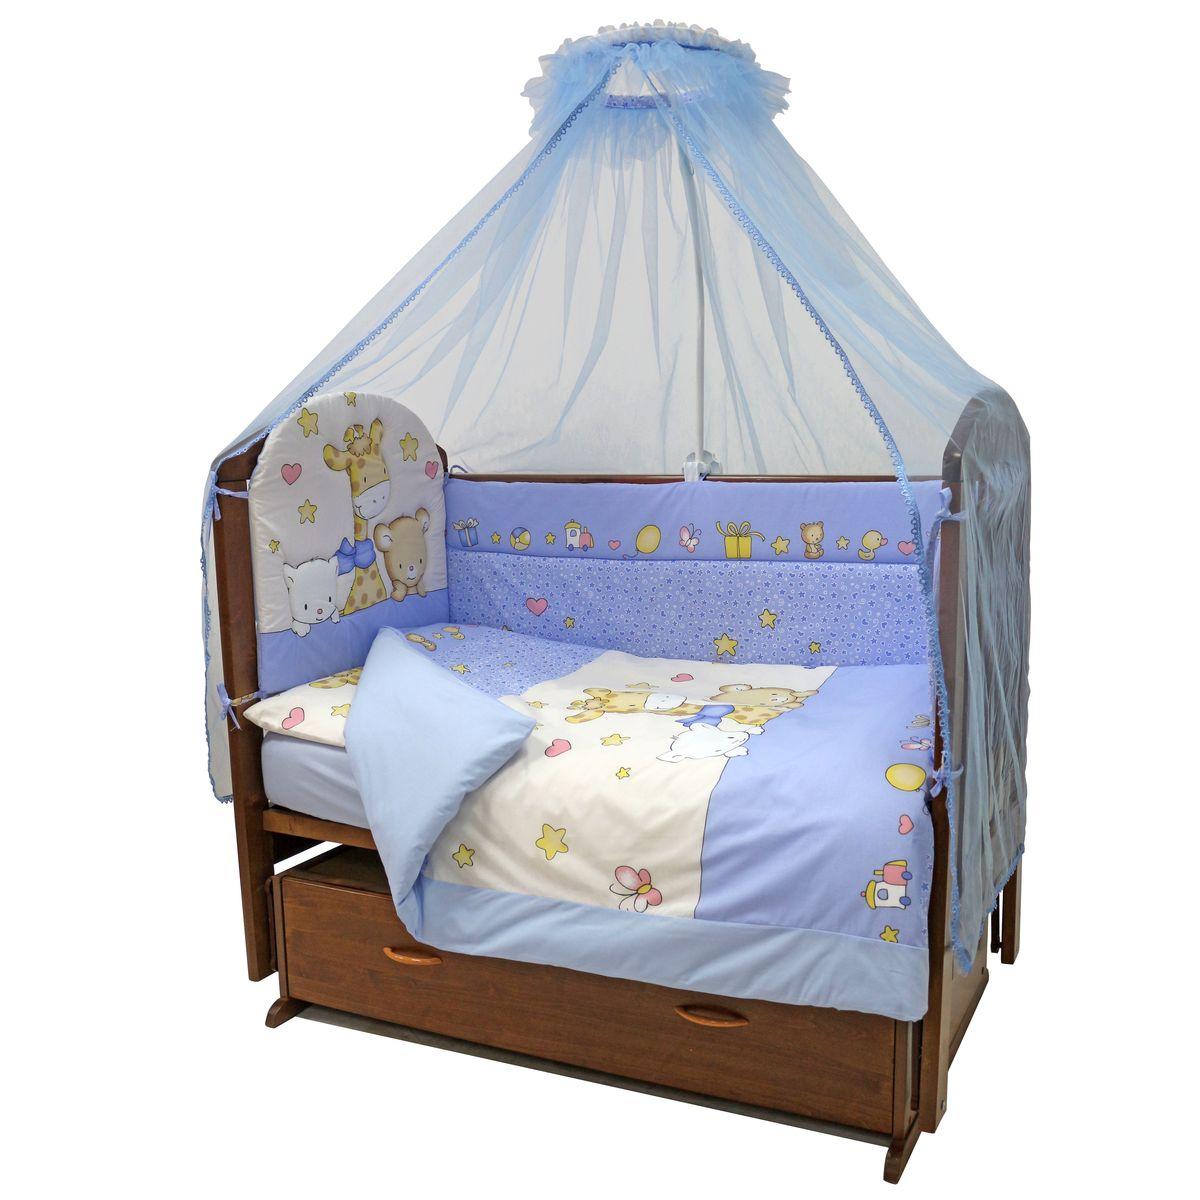 Комплект постельного белья из 7 предметов включает все необходимые элементы для детской кроватки. Комплект создает для Вашего ребенка  уют, комфорт и безопасную среду с рождения, современный дизайн и цветовые сочетания помогают ребенку адаптироваться в новом для него  мире. Комплекты «Топотушки» хорошо вписываются в интерьер как детской комнаты, так и спальни родителей. Как и все изделия «Топотушки» данный комплект отражает самые последние технологии, является безопасным для малыша и экологичным.  Российское происхождение комплекта гарантирует стабильно высокое качество, соответствие актуальным пожеланиям потребителей,  конкурентоспособную цену. В комплекте: Балдахин 3м (сетка); охранный бампер 360х40см. (из 4-х частей, наполнитель – холлофайбер); подушка 40х60см. (наполнитель – холлофайбер); одеяло 140х110см. (наполнитель – холлофайбер); наволочка 40х60см; пододеяльник 147х112см; простынь на резинке 120х60см